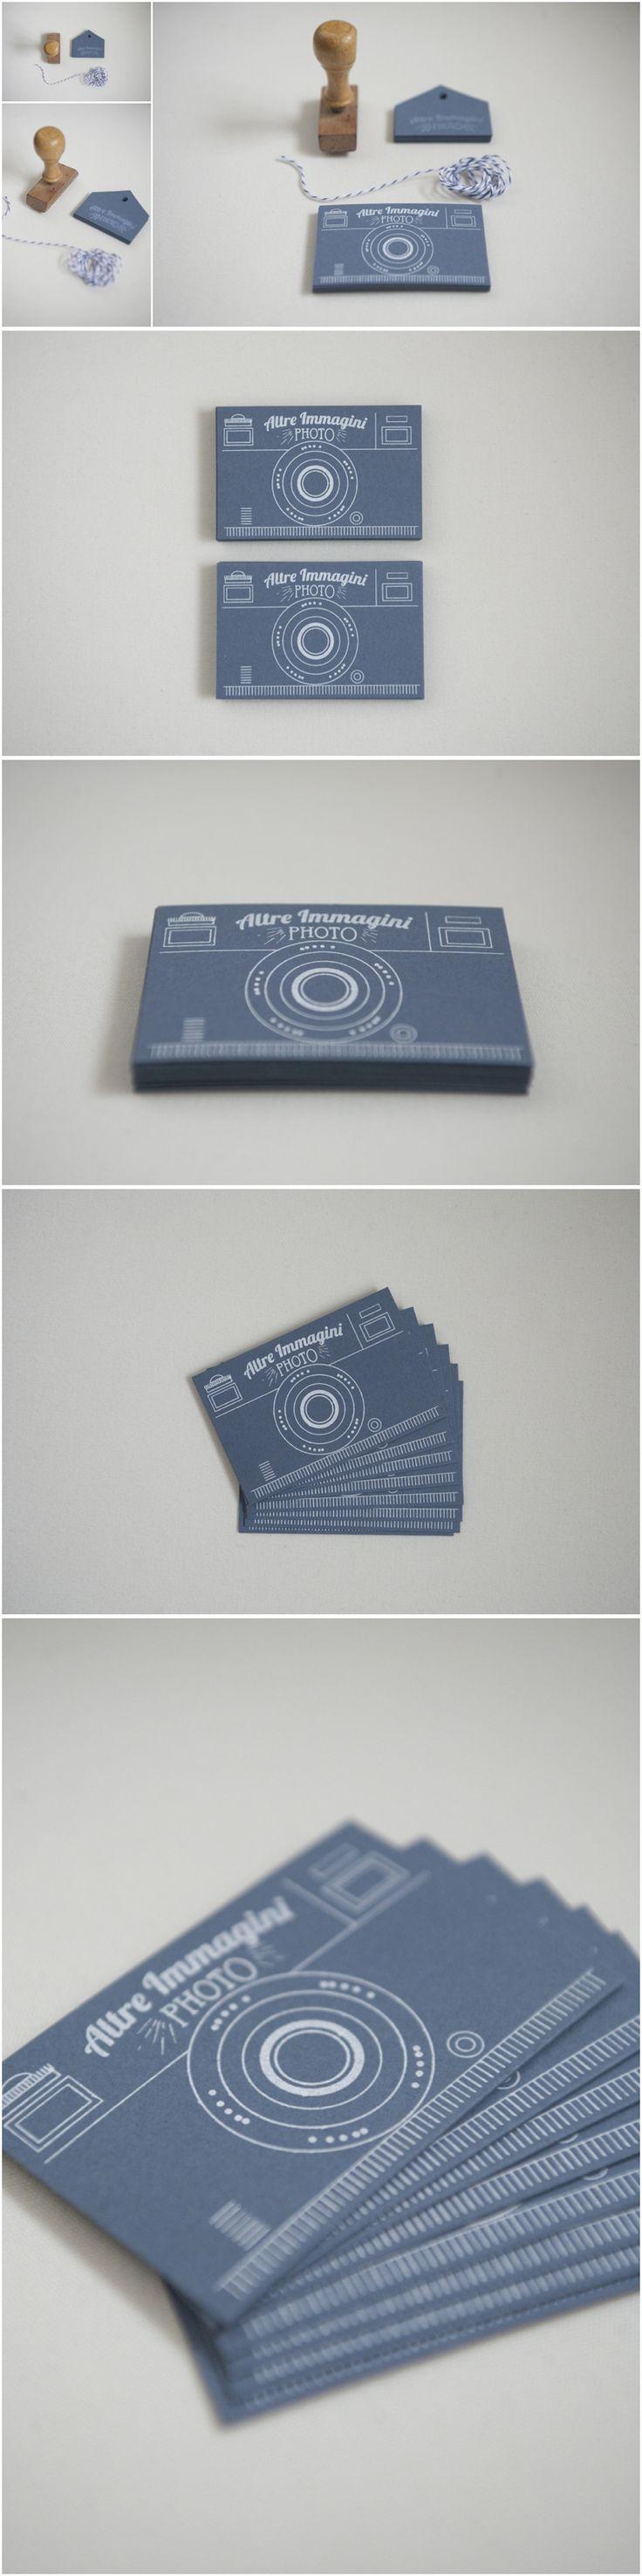 Silkscreen business card on Favini Crush Lavanda Paper.  #favini #favinicrush #lavanda#silkscreen #businesscard